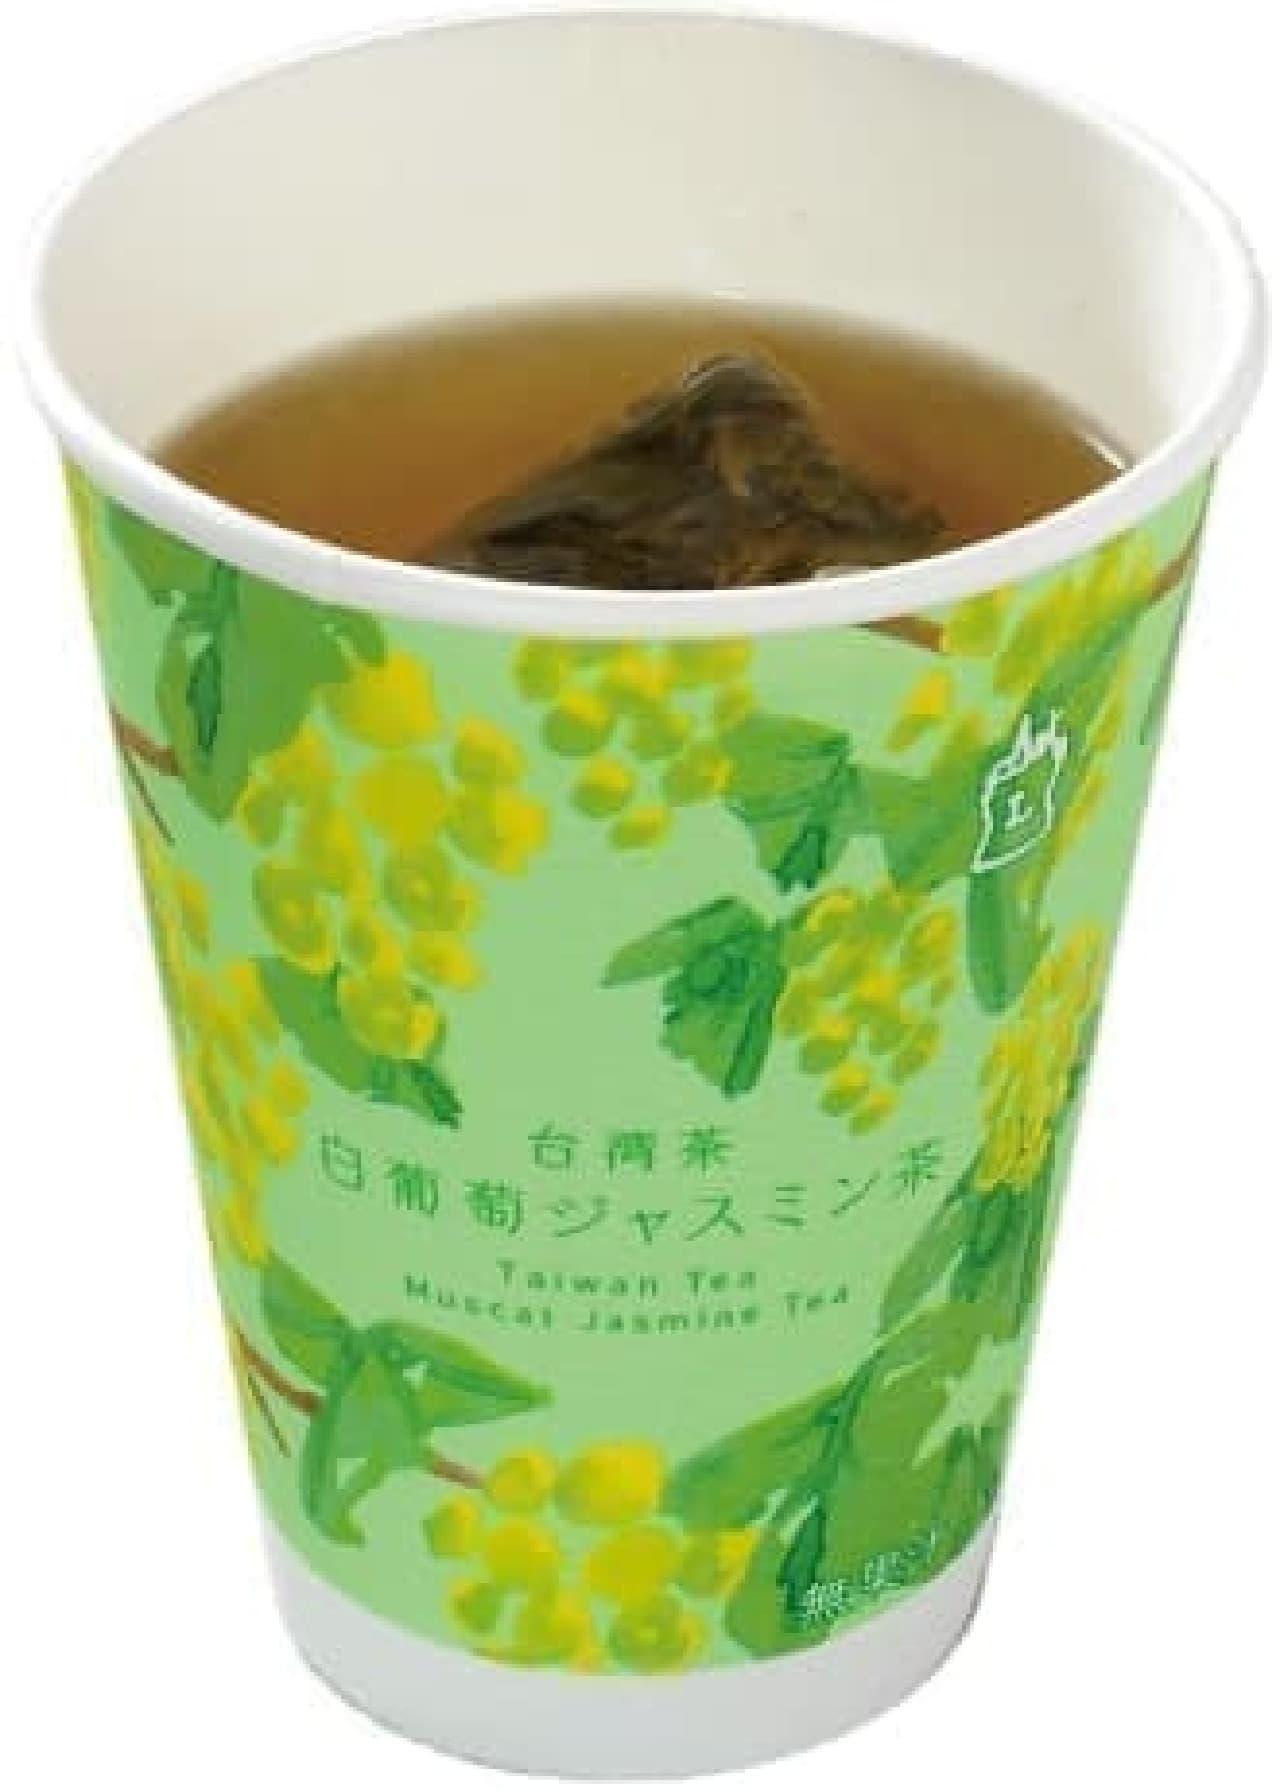 ローソン「MACHI cafe 台湾茶 白葡萄ジャスミン茶(無果汁)」